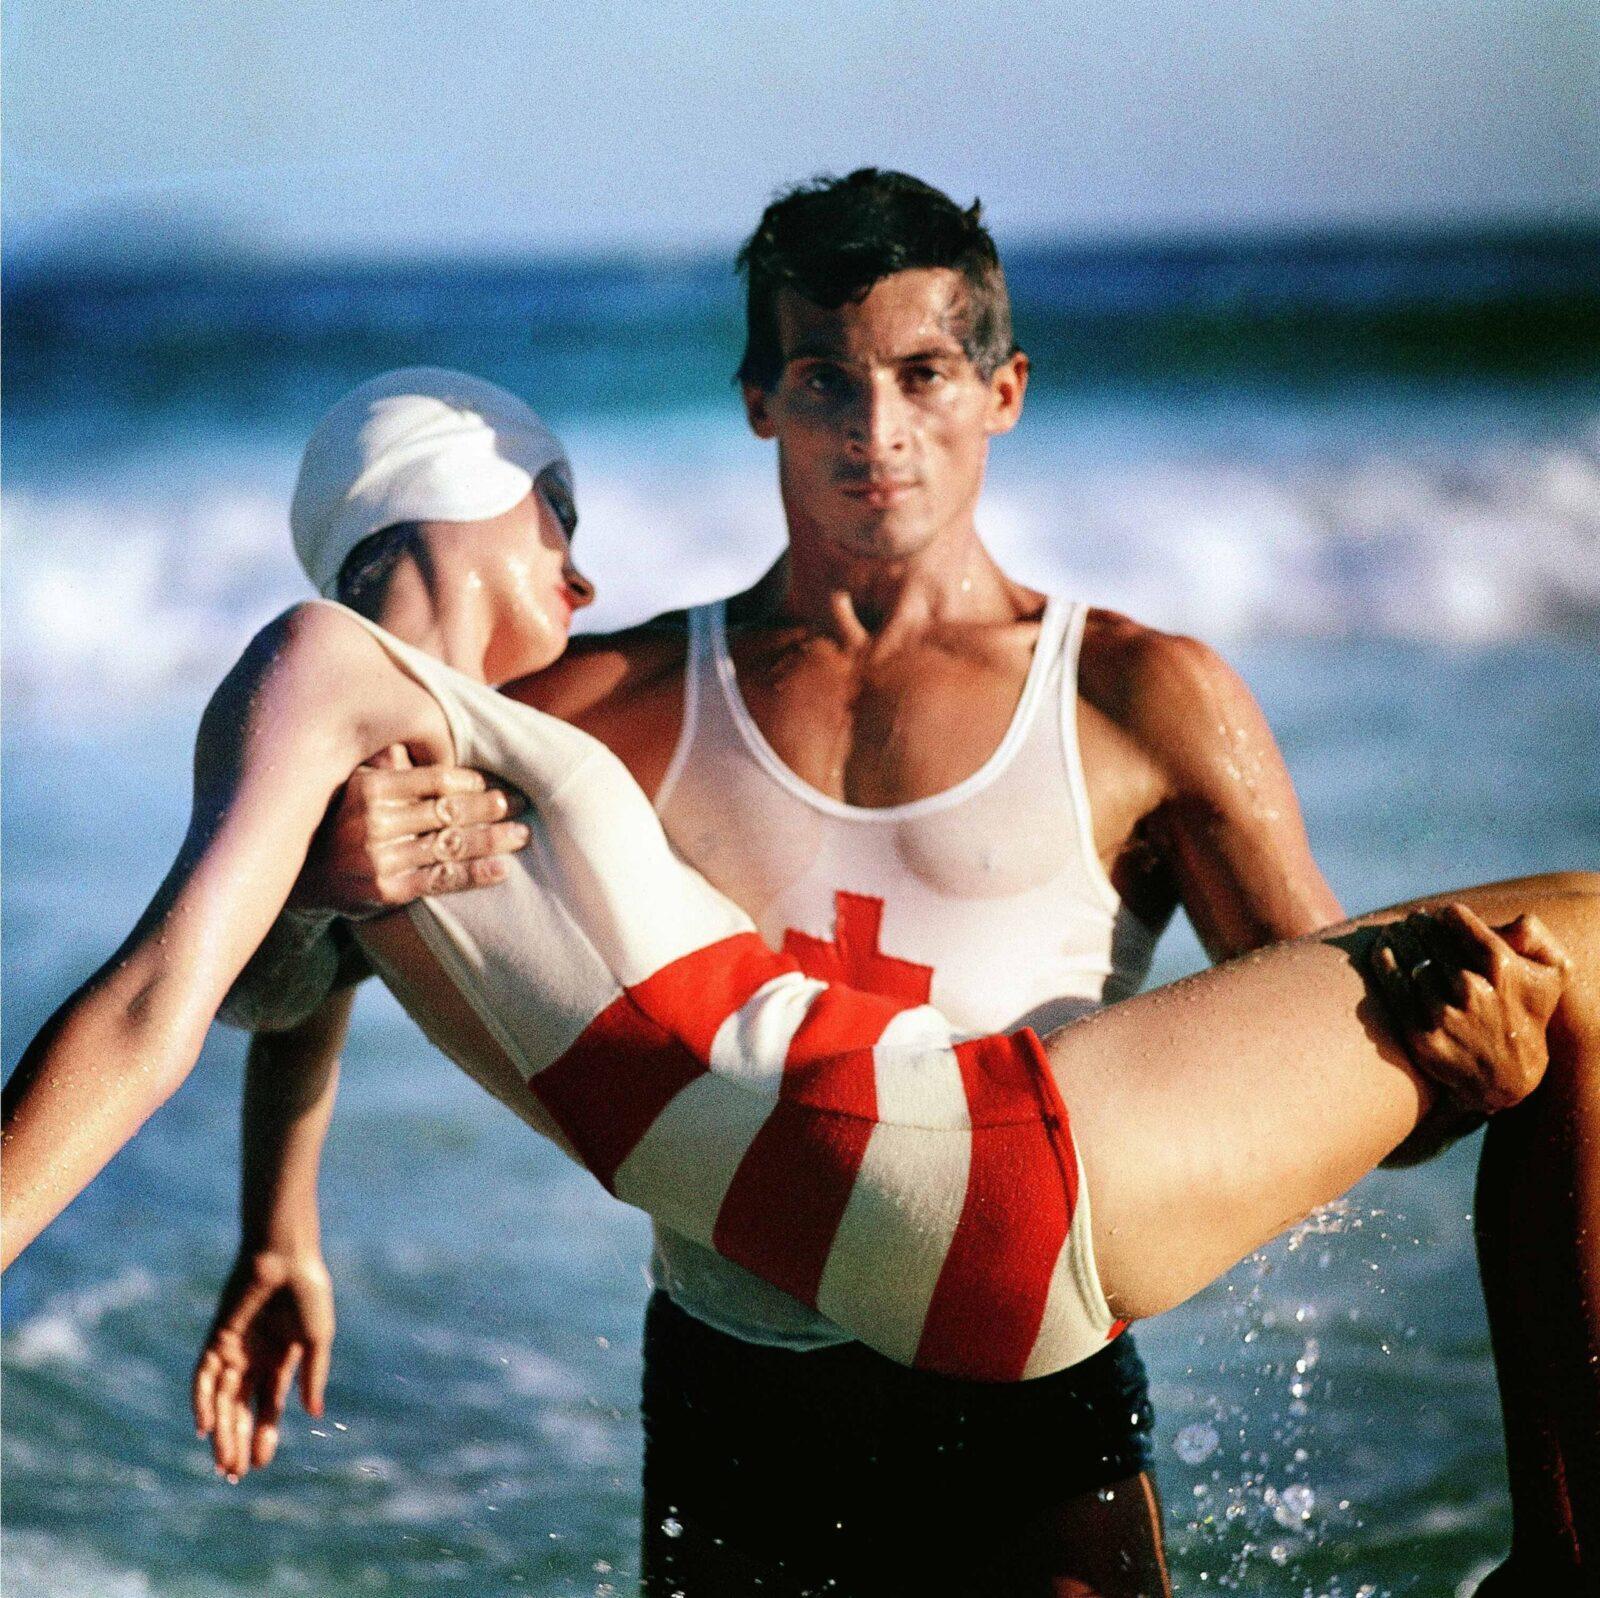 Norman Parkinson - Stripes in the Swim, Rio, 1961